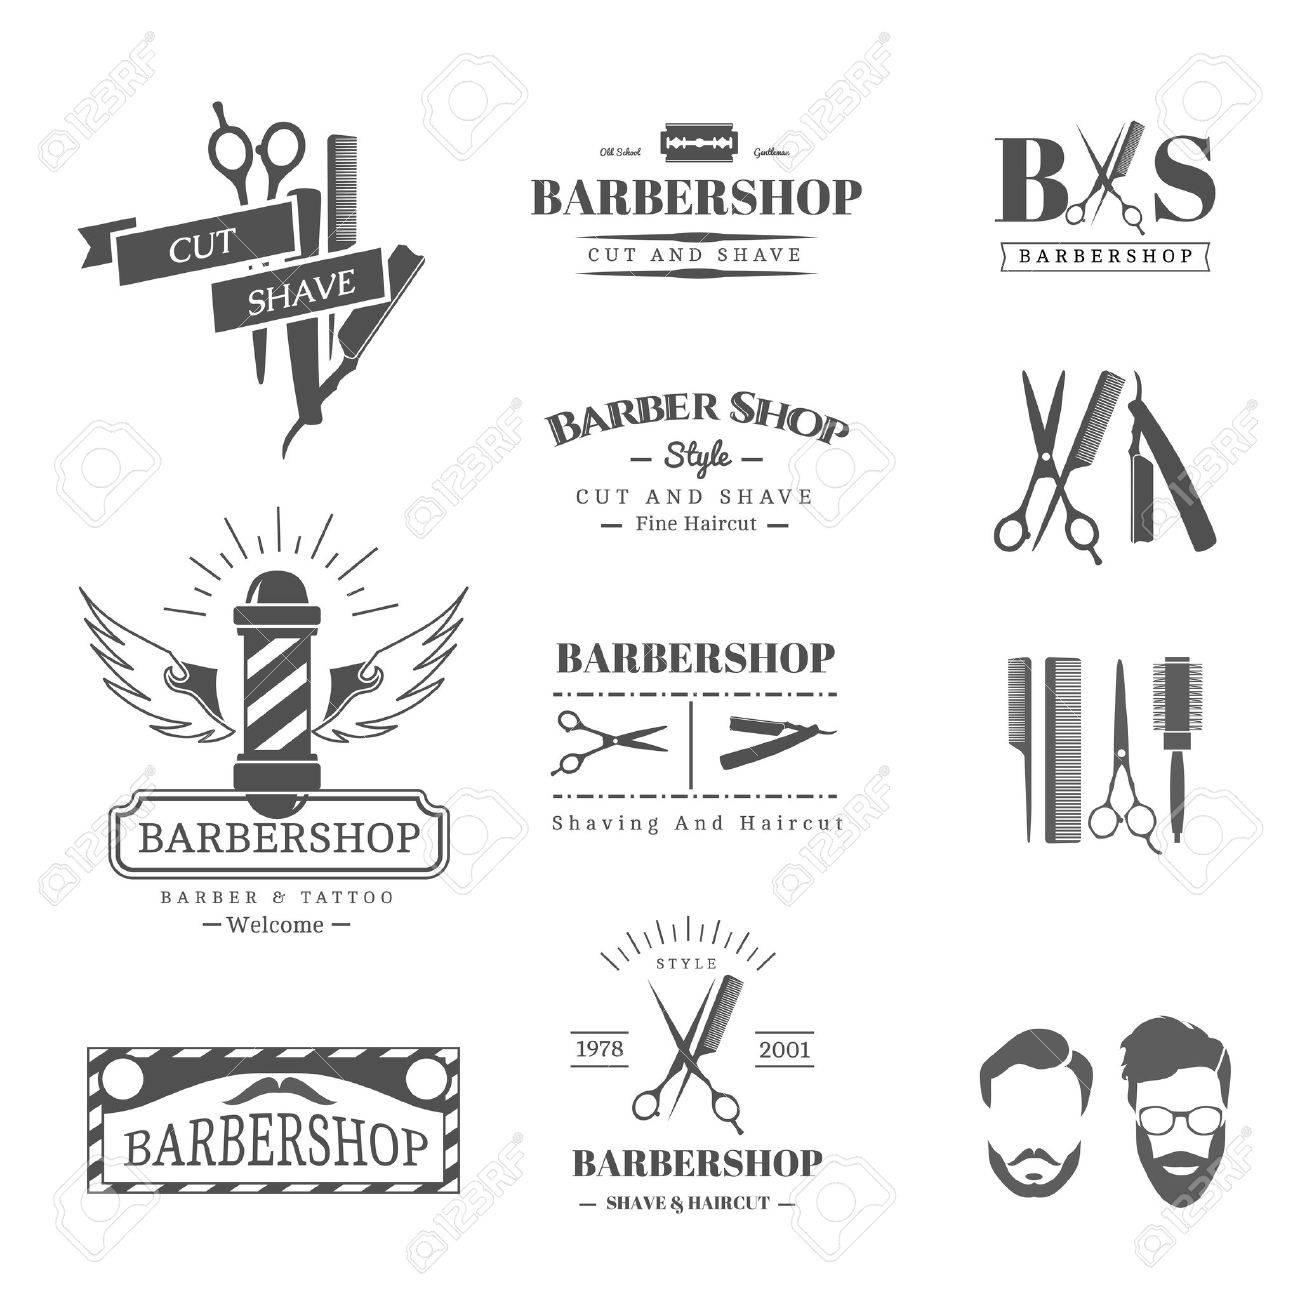 Vector set of retro barber shop labels, logo, badges and design element - 46957436